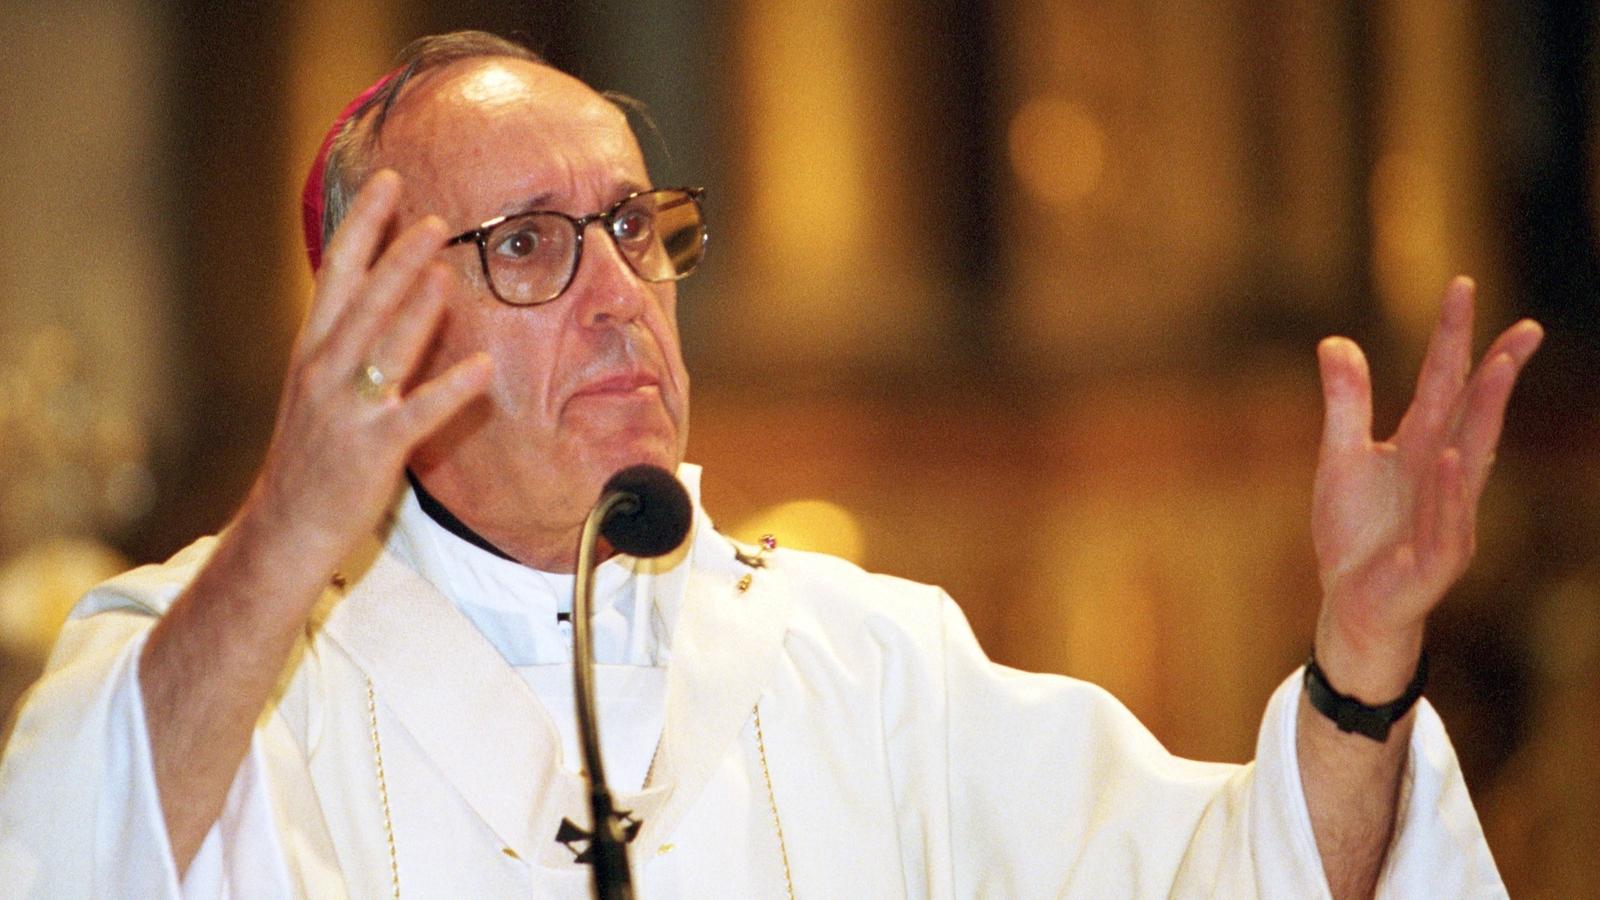 Image - Archbishop Jorge Bergoglio was described as a 'simple pastor'